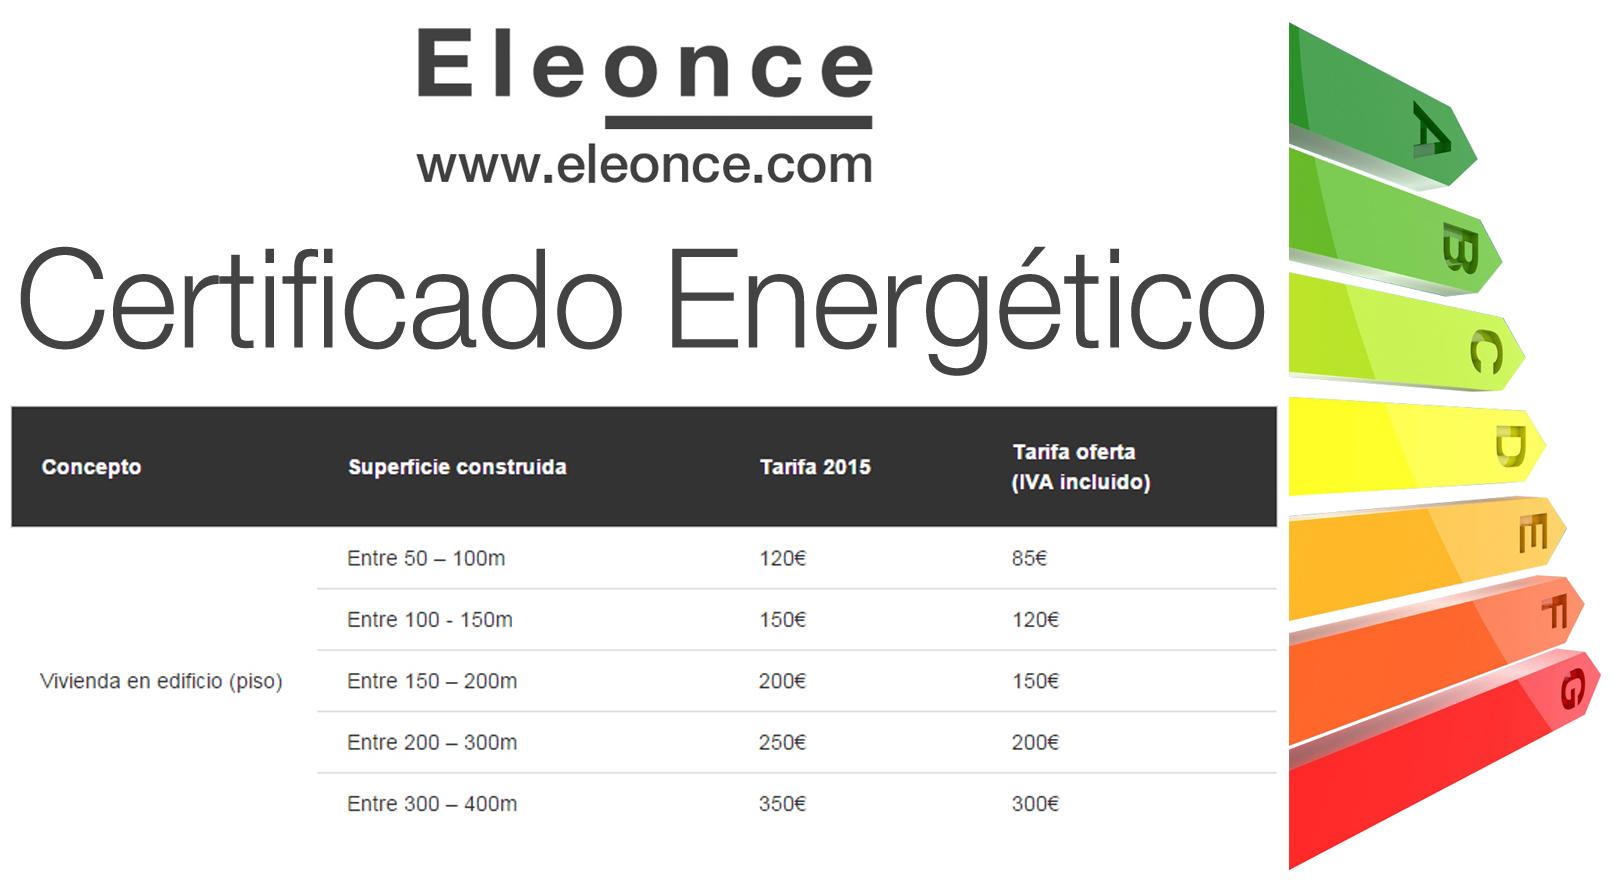 ¿Necesitas un Certificado de Eficiencia Energética?